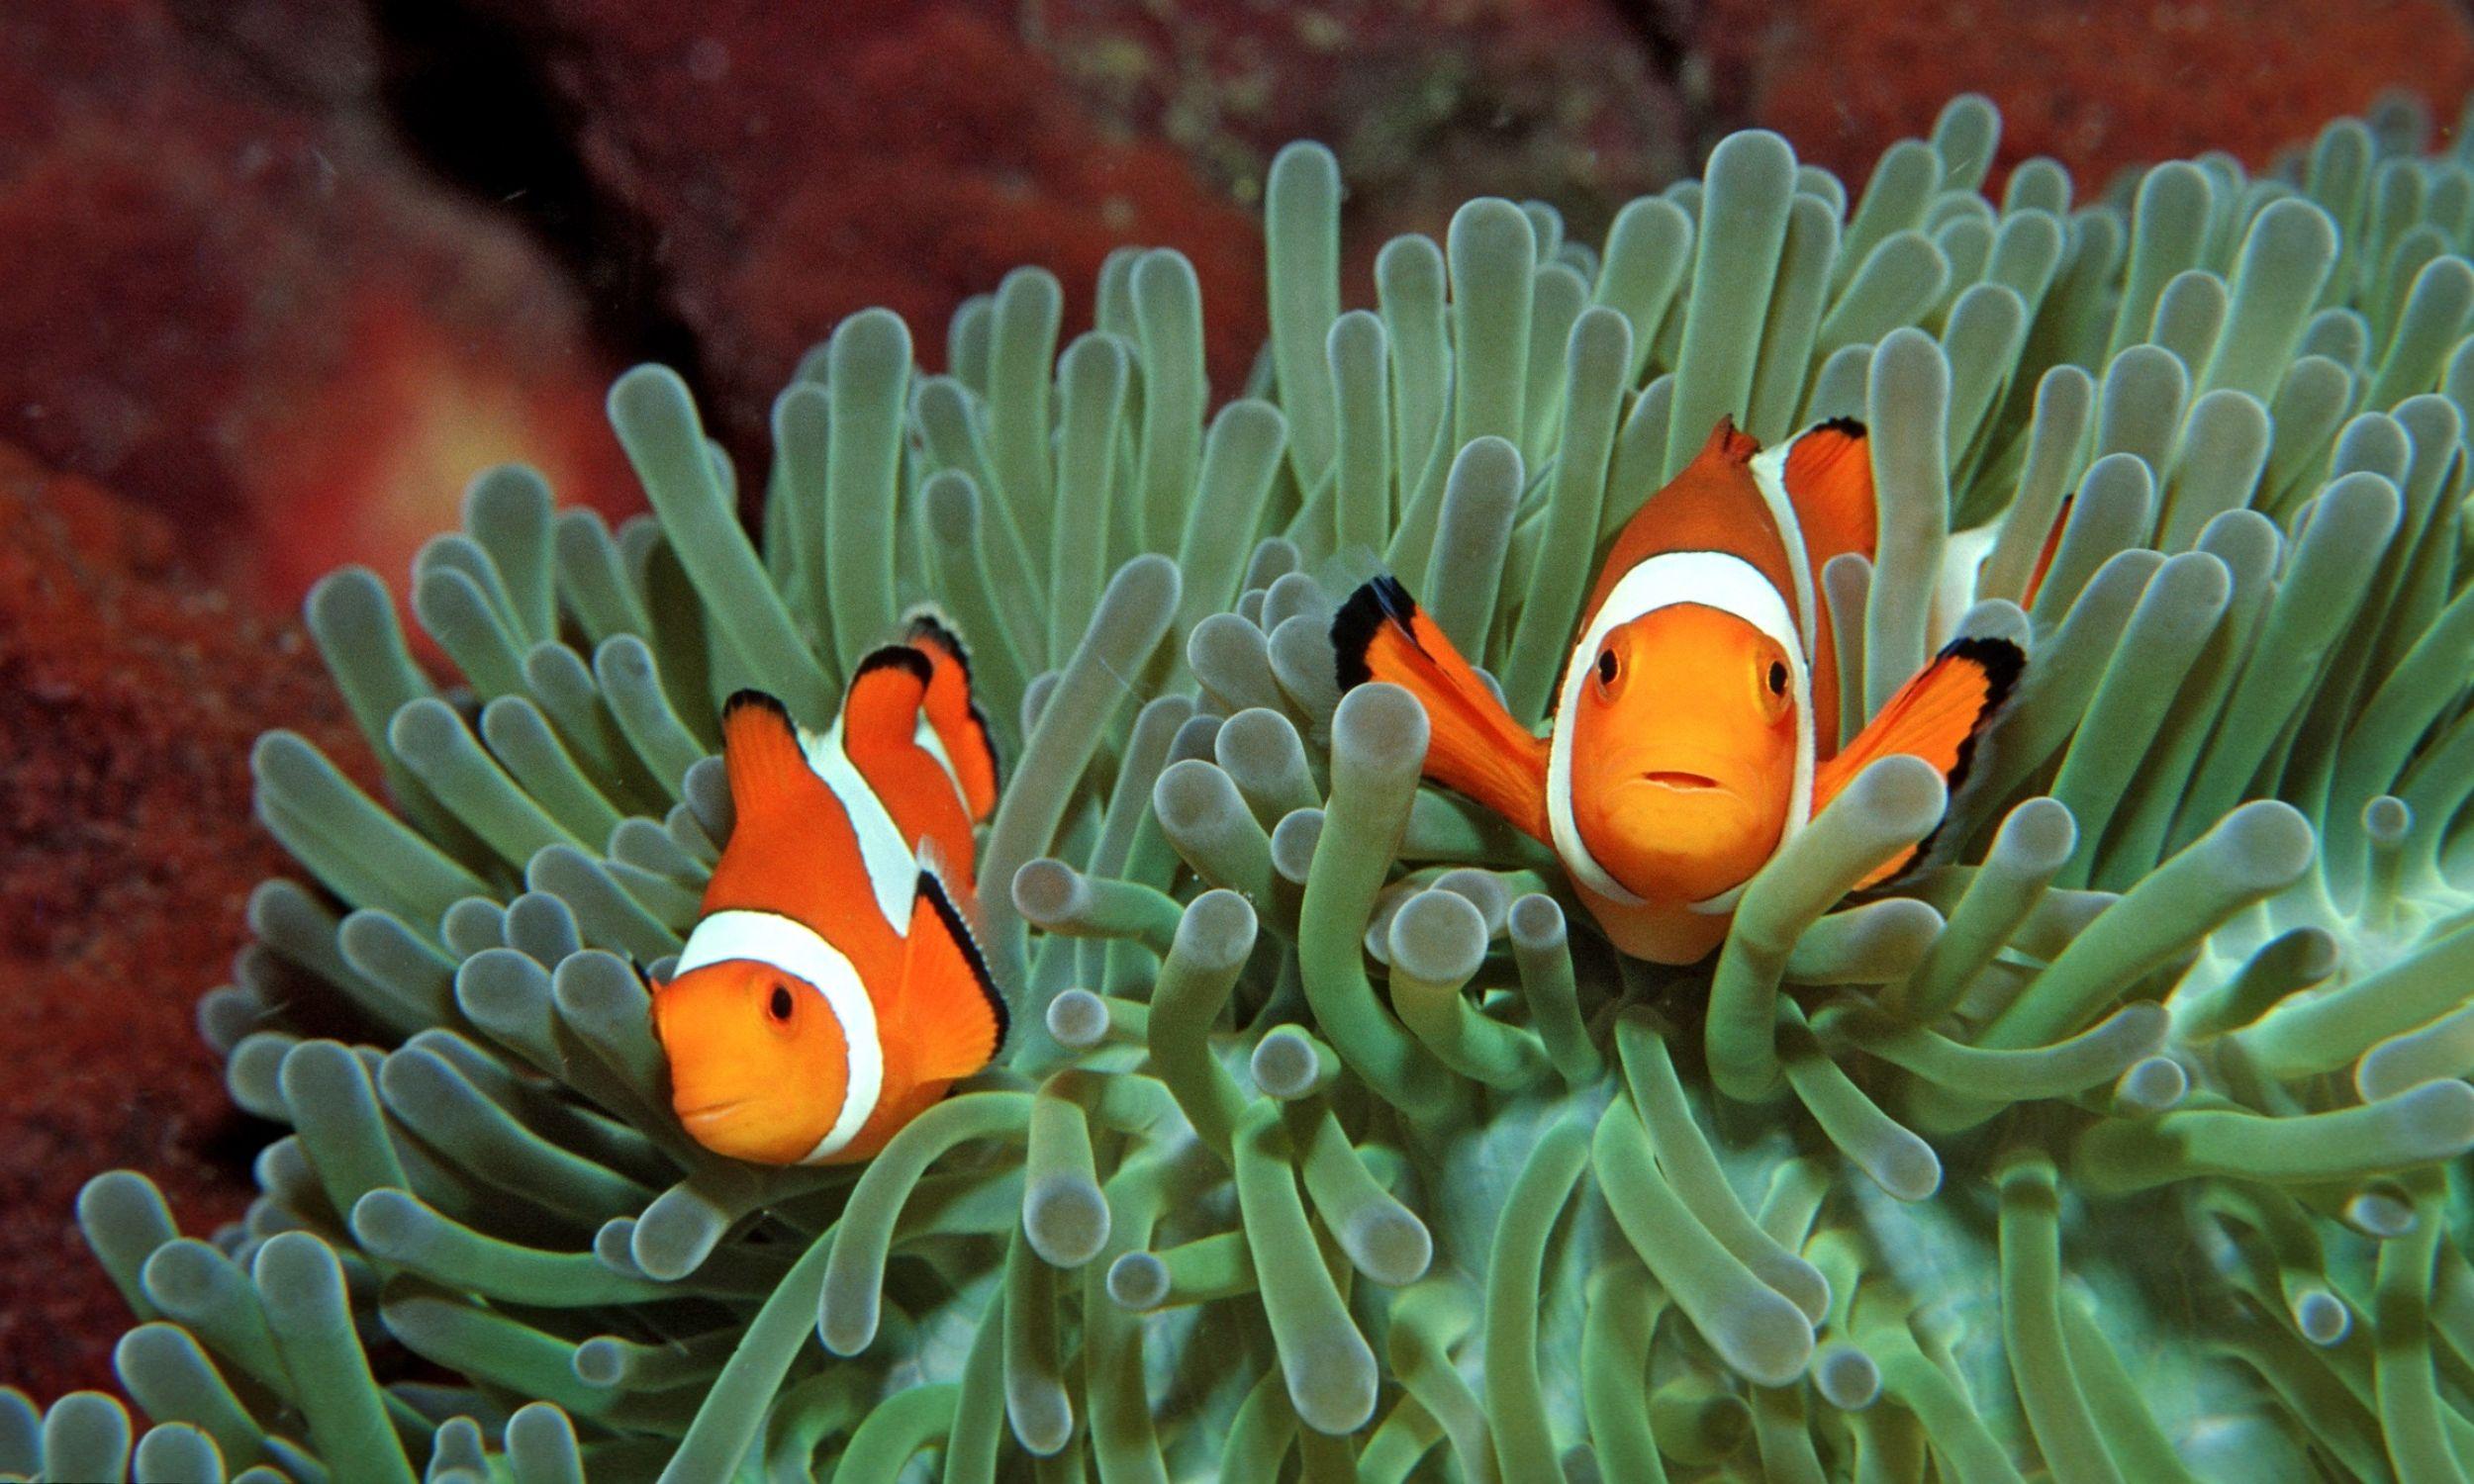 """Lubiany od czasu animowanej opowieści """"Gdzie jest Nemo"""" błazenek (Amphiprion) zmienia płeć pod wpływem dojścia do władzy. Otóż ławicą takich rybek zawiaduje dominująca samica. Gdy ona padnie, jej rolę – wraz z rolą reprodukcyjną – przejmuje najbardziej dominujący spośród samców. Staje się on samicą. Fot. Reinhard Dirscherl/ullstein bild via Getty Images"""